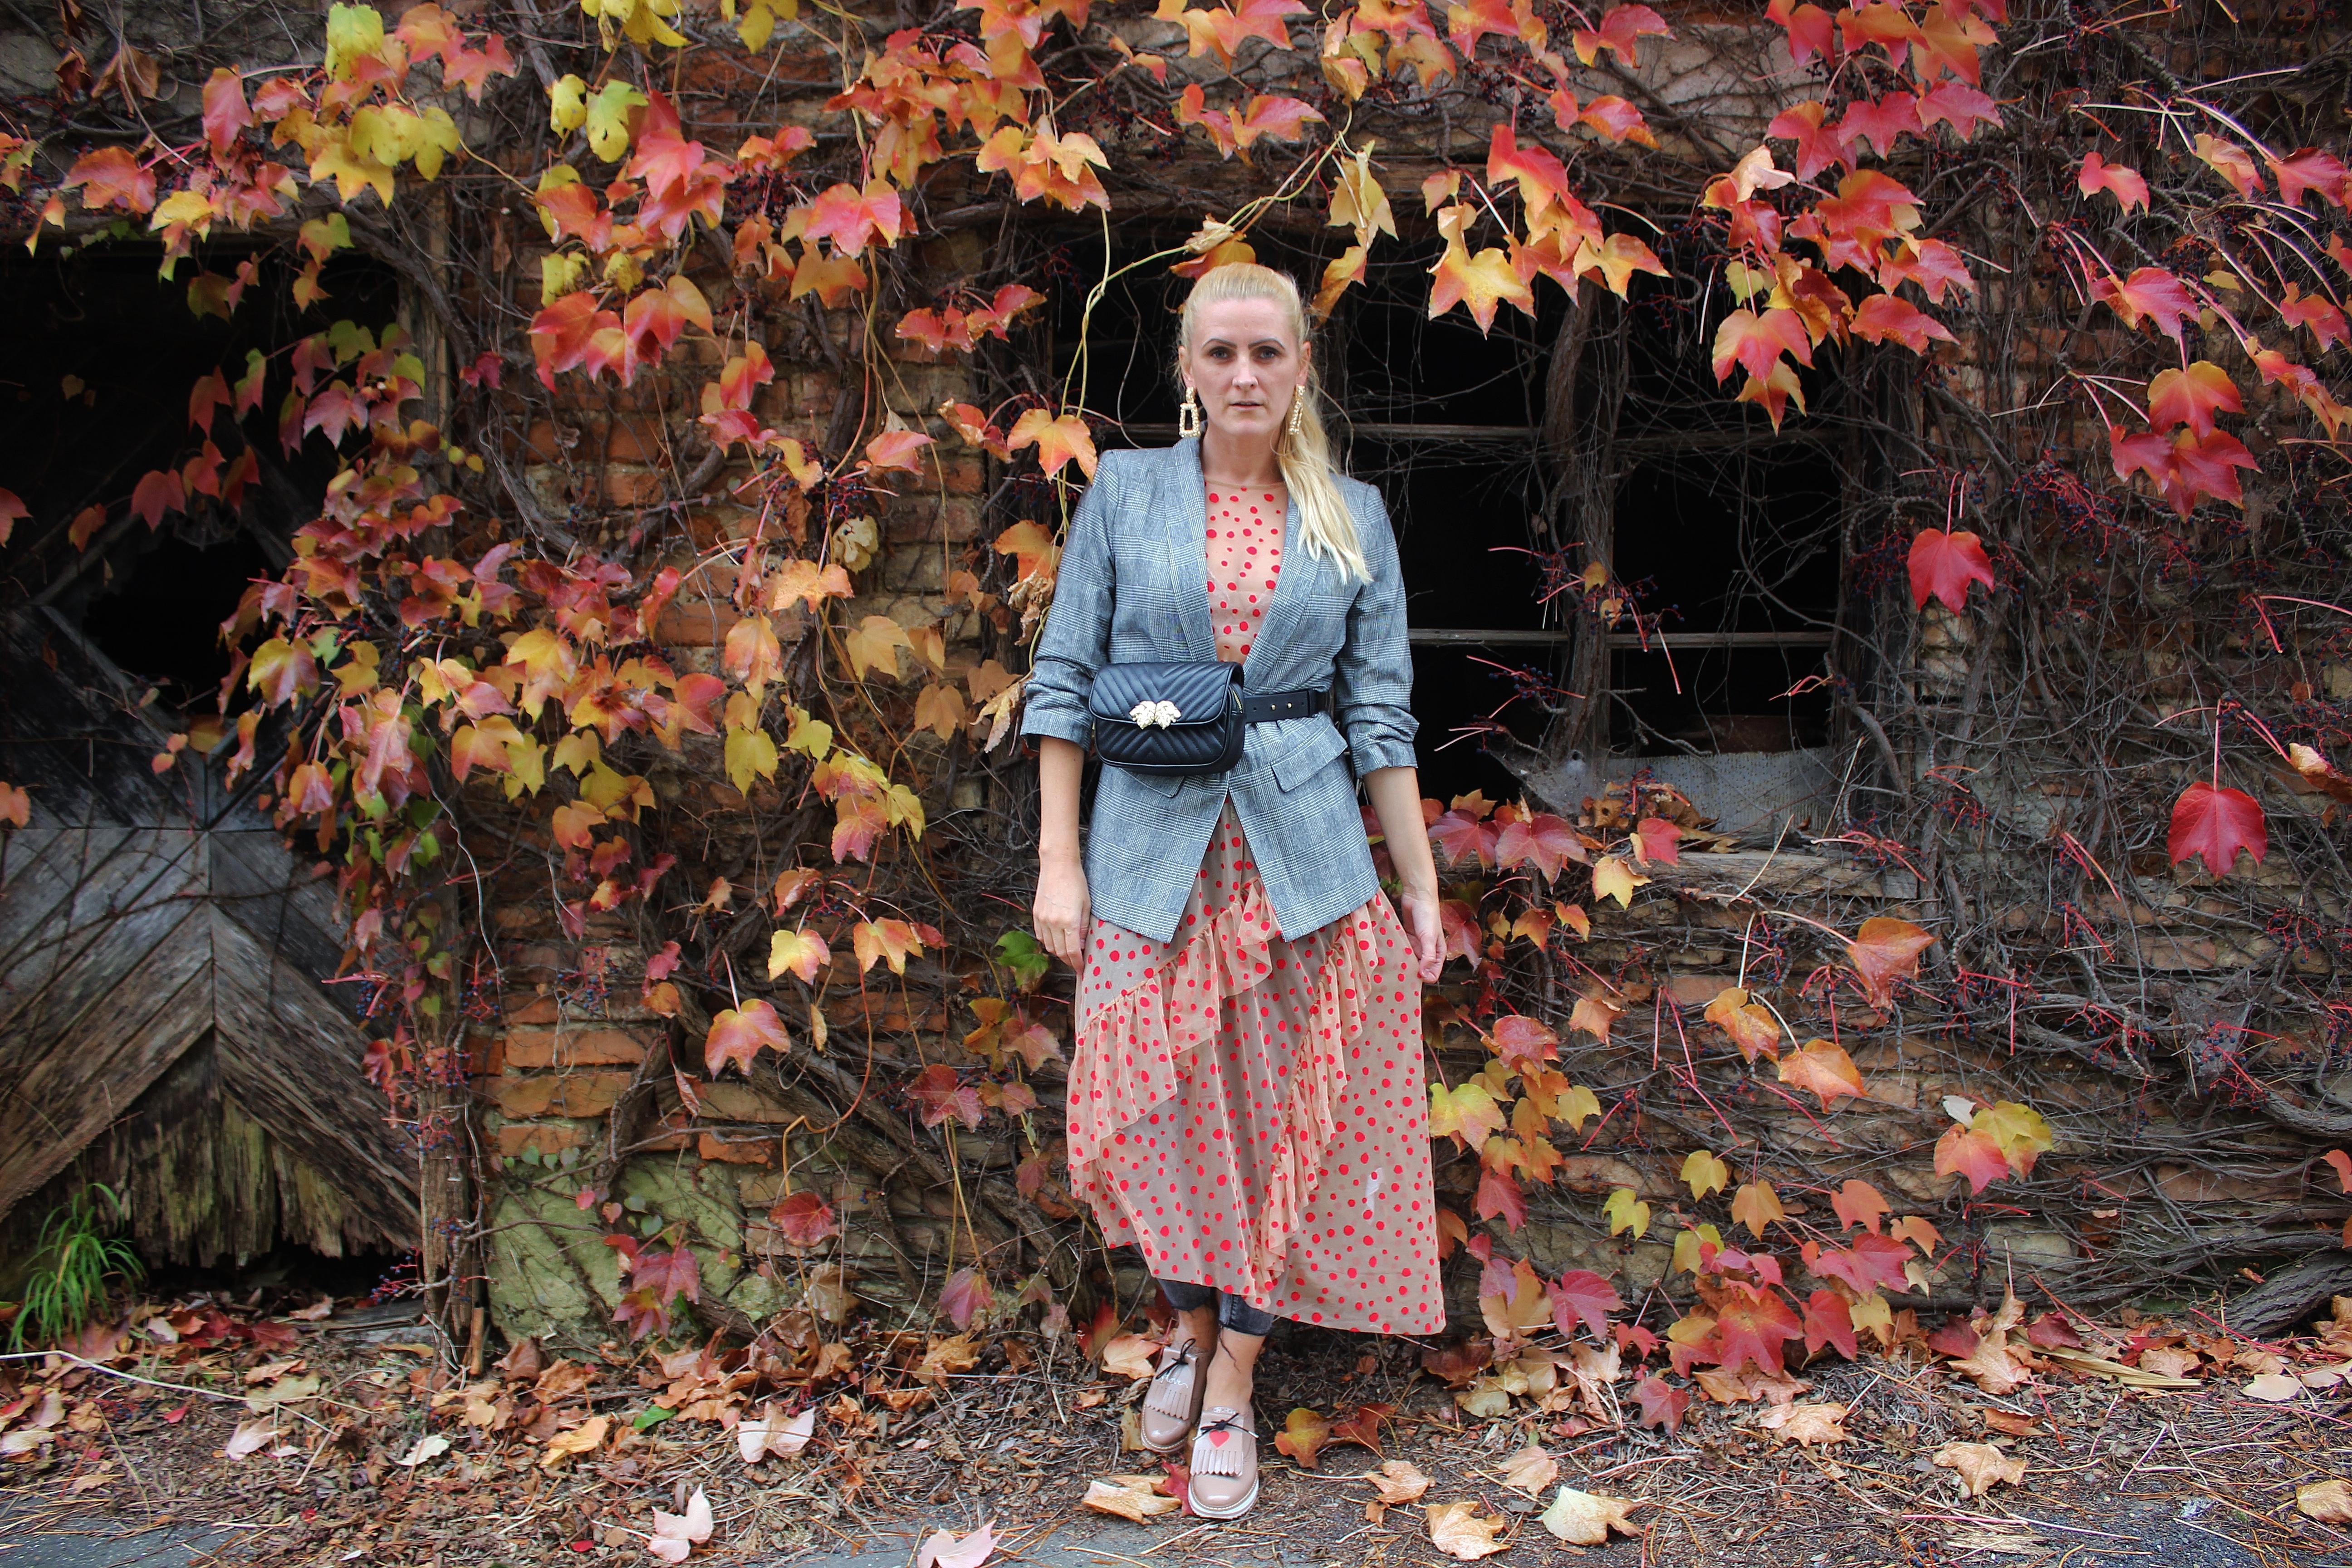 Karo-Blazer-Polka-Dots-Gürteltasche-Trendsetter-Zara-carrieslifestyle-Inspiration-Modeblogger-Tamara-Prutsch